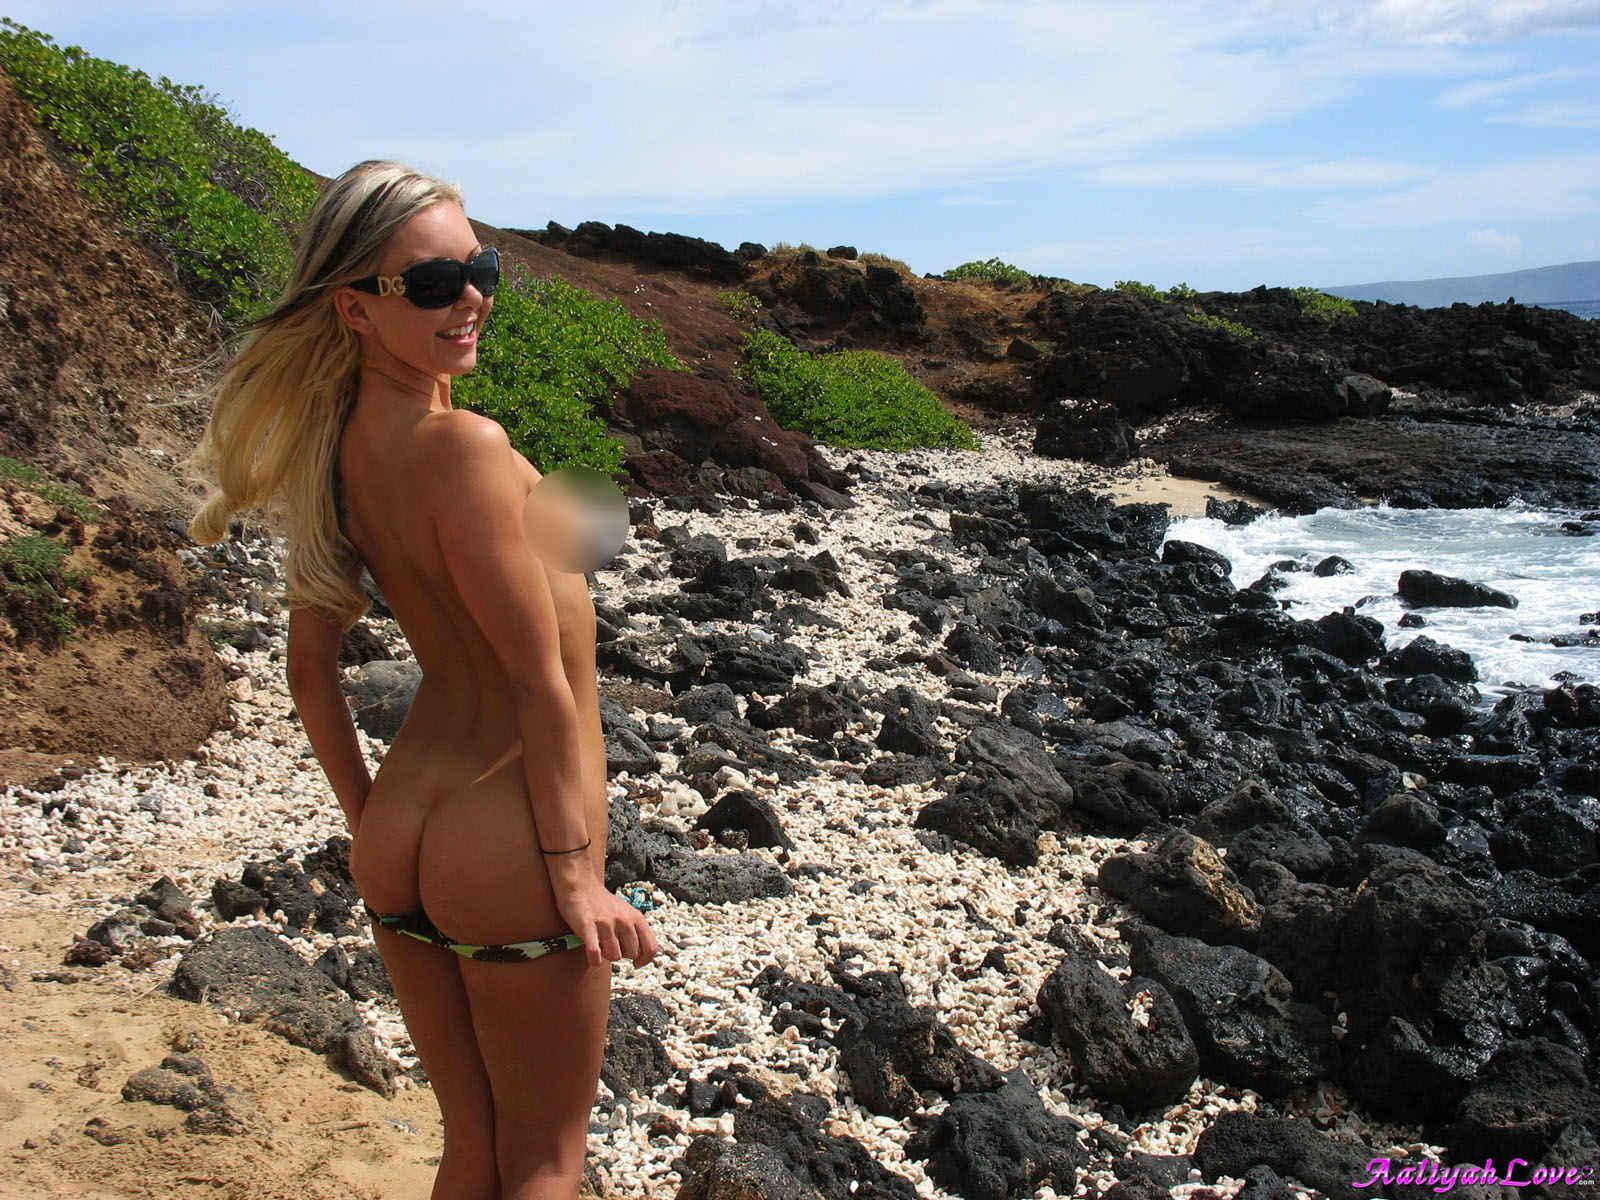 plages_nudiste-amerique (3)